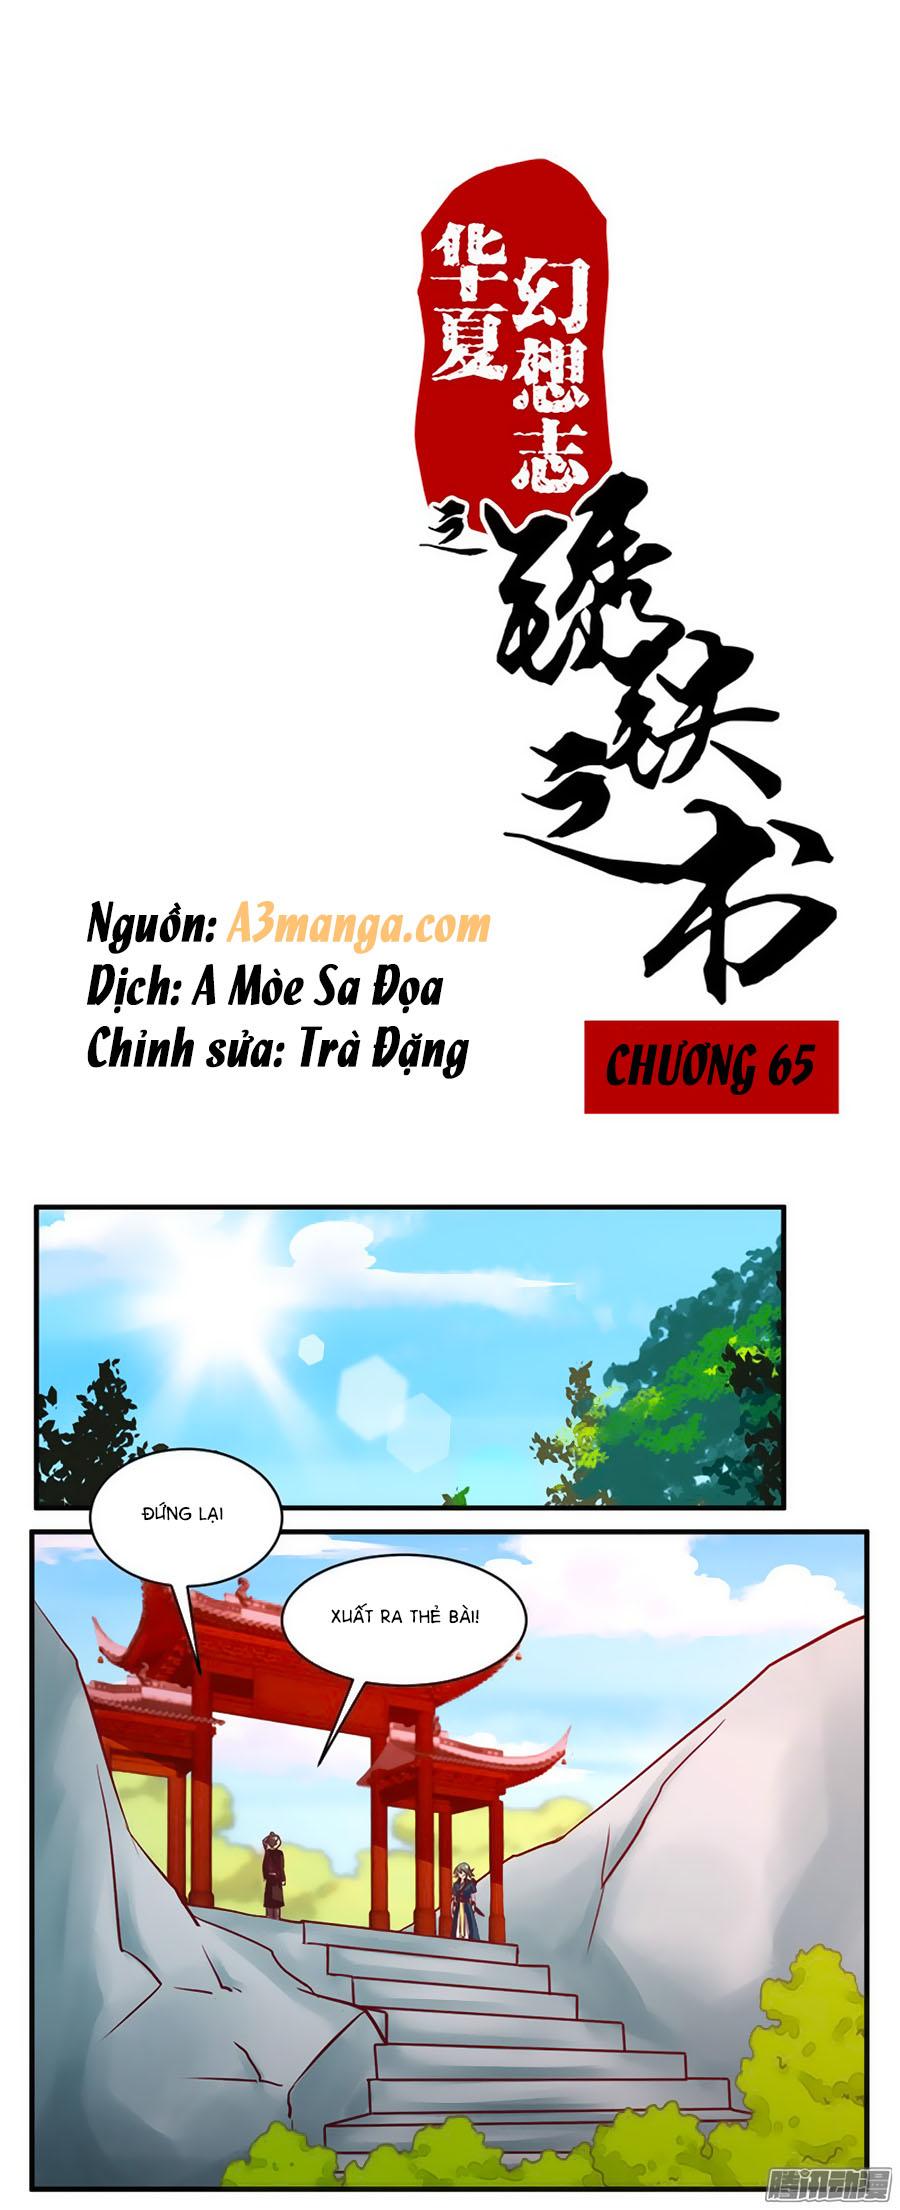 Tú Thiết Chi Thư Chap 65 - Next Chap 66